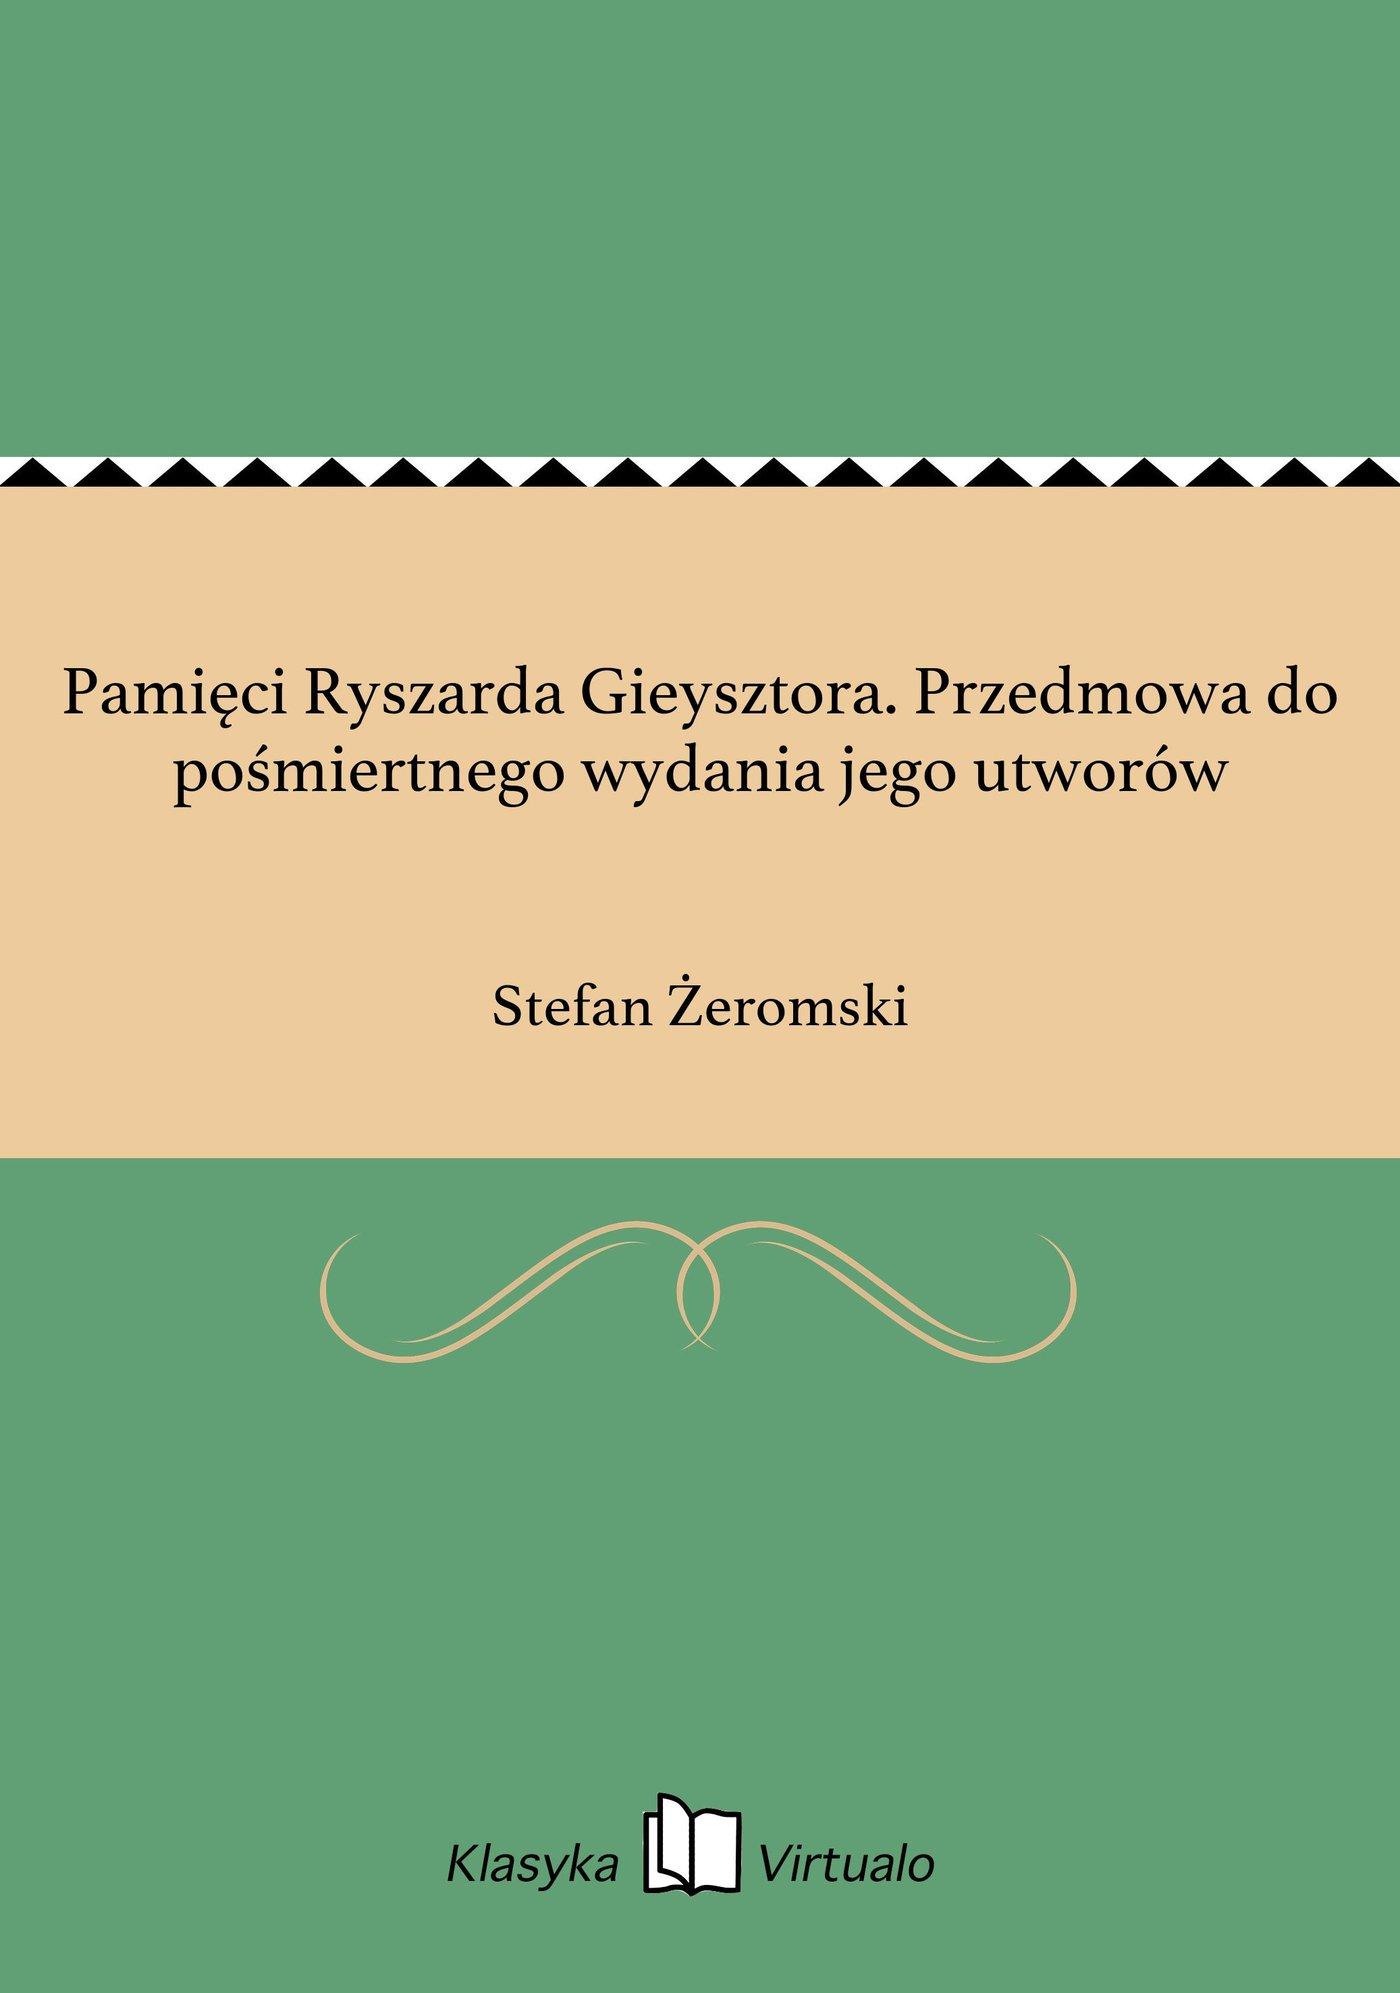 Pamięci Ryszarda Gieysztora. Przedmowa do pośmiertnego wydania jego utworów - Ebook (Książka EPUB) do pobrania w formacie EPUB